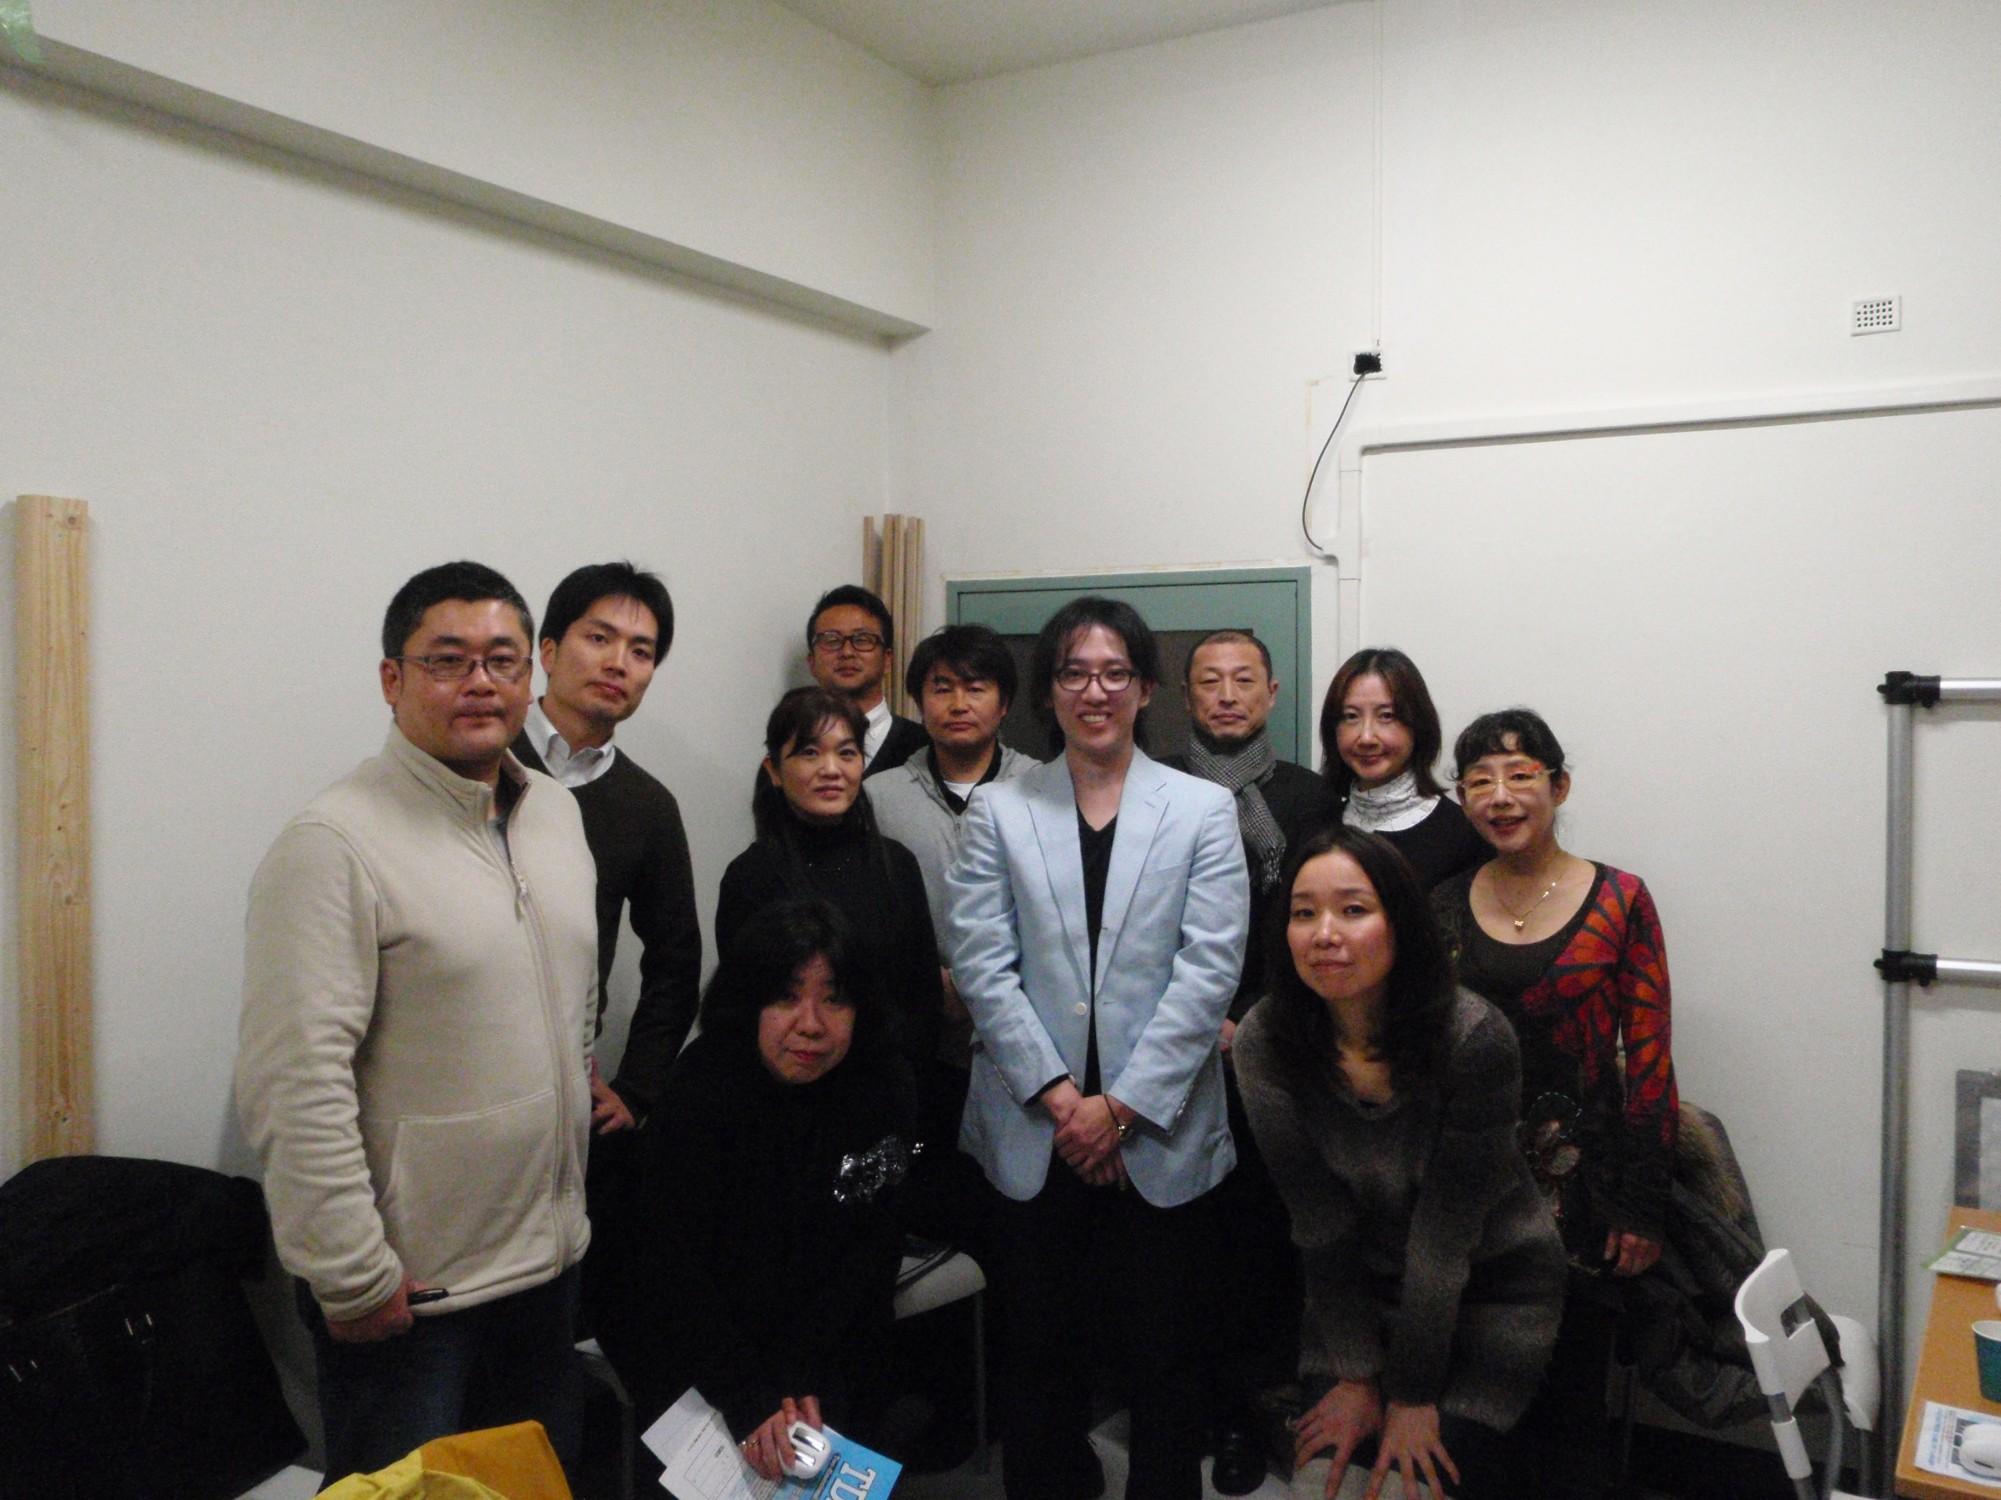 ご参加ありがとうございました!